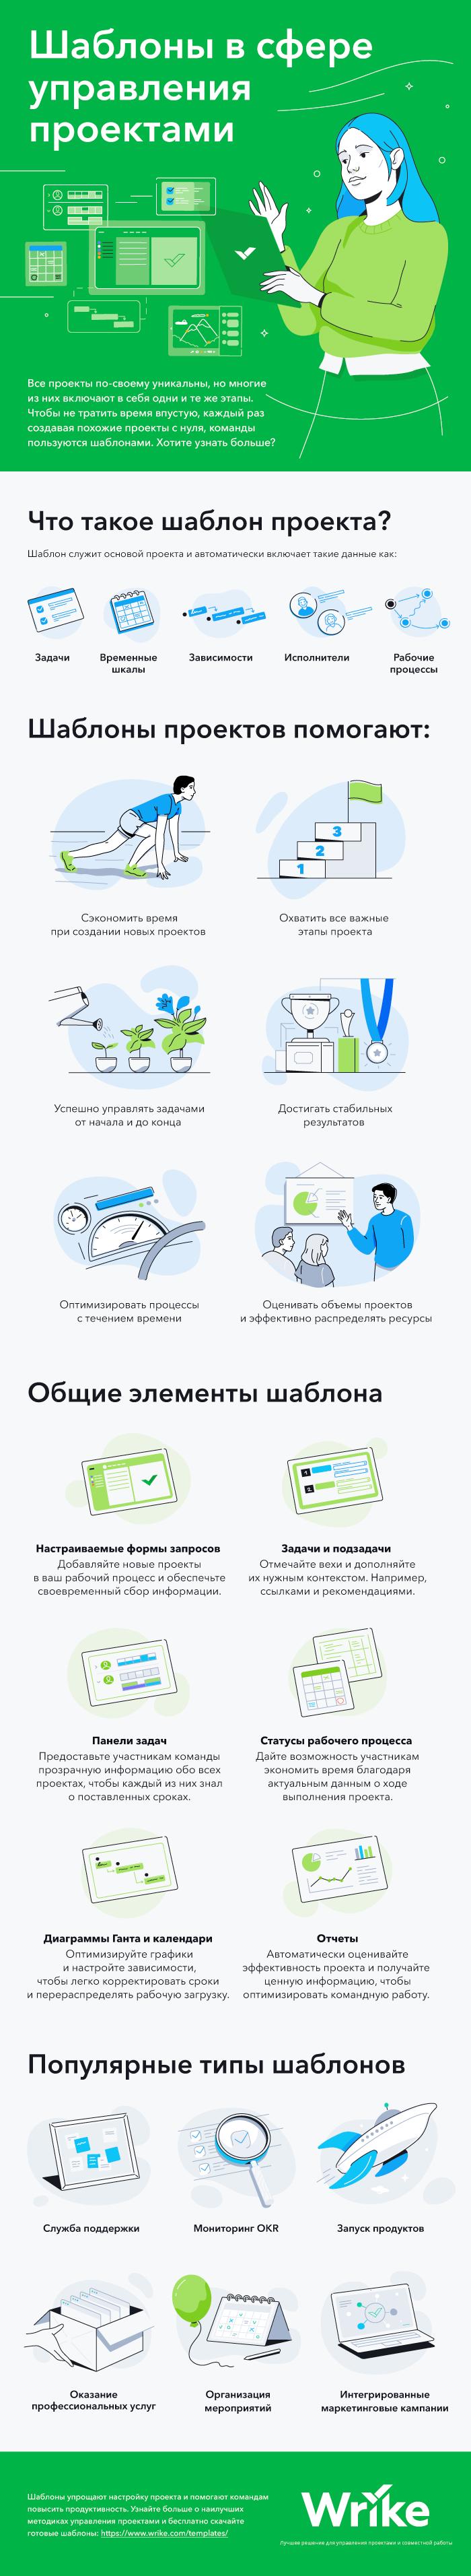 Использование шаблонов в сфере управления проектами (инфографика)